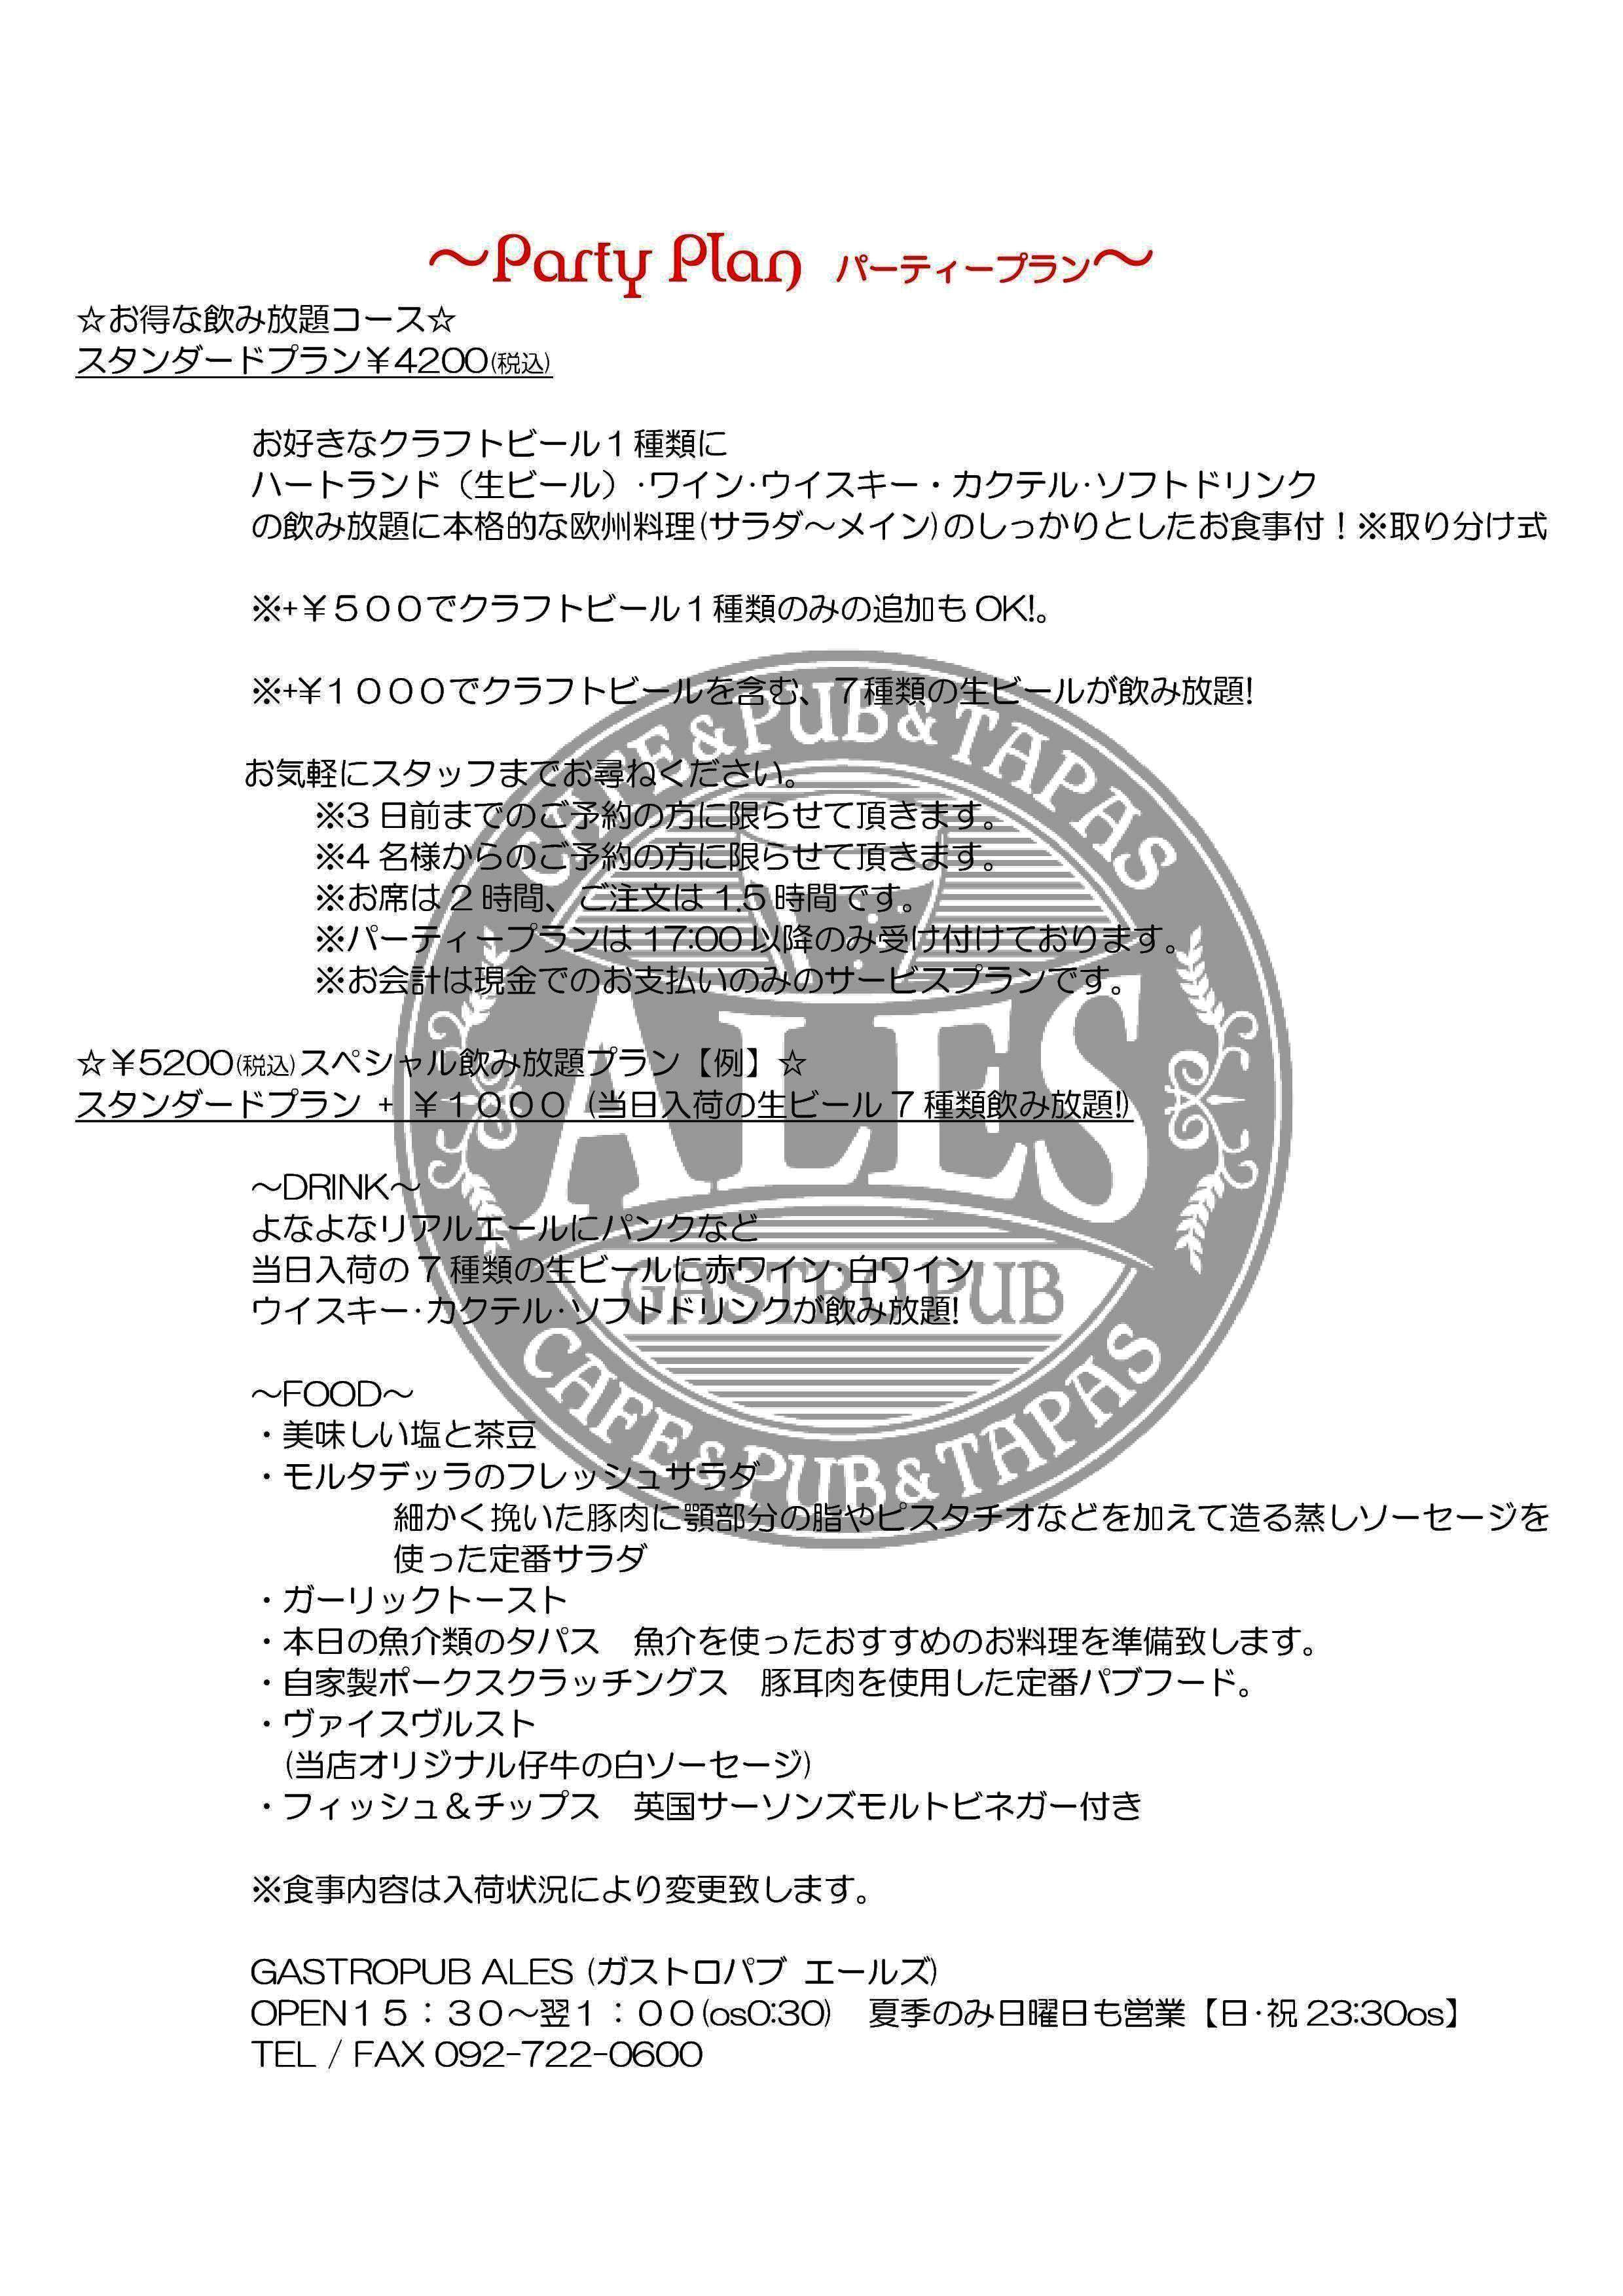 チャージ有りPDF用 +税 フード1ページ目金額訂正済み-010